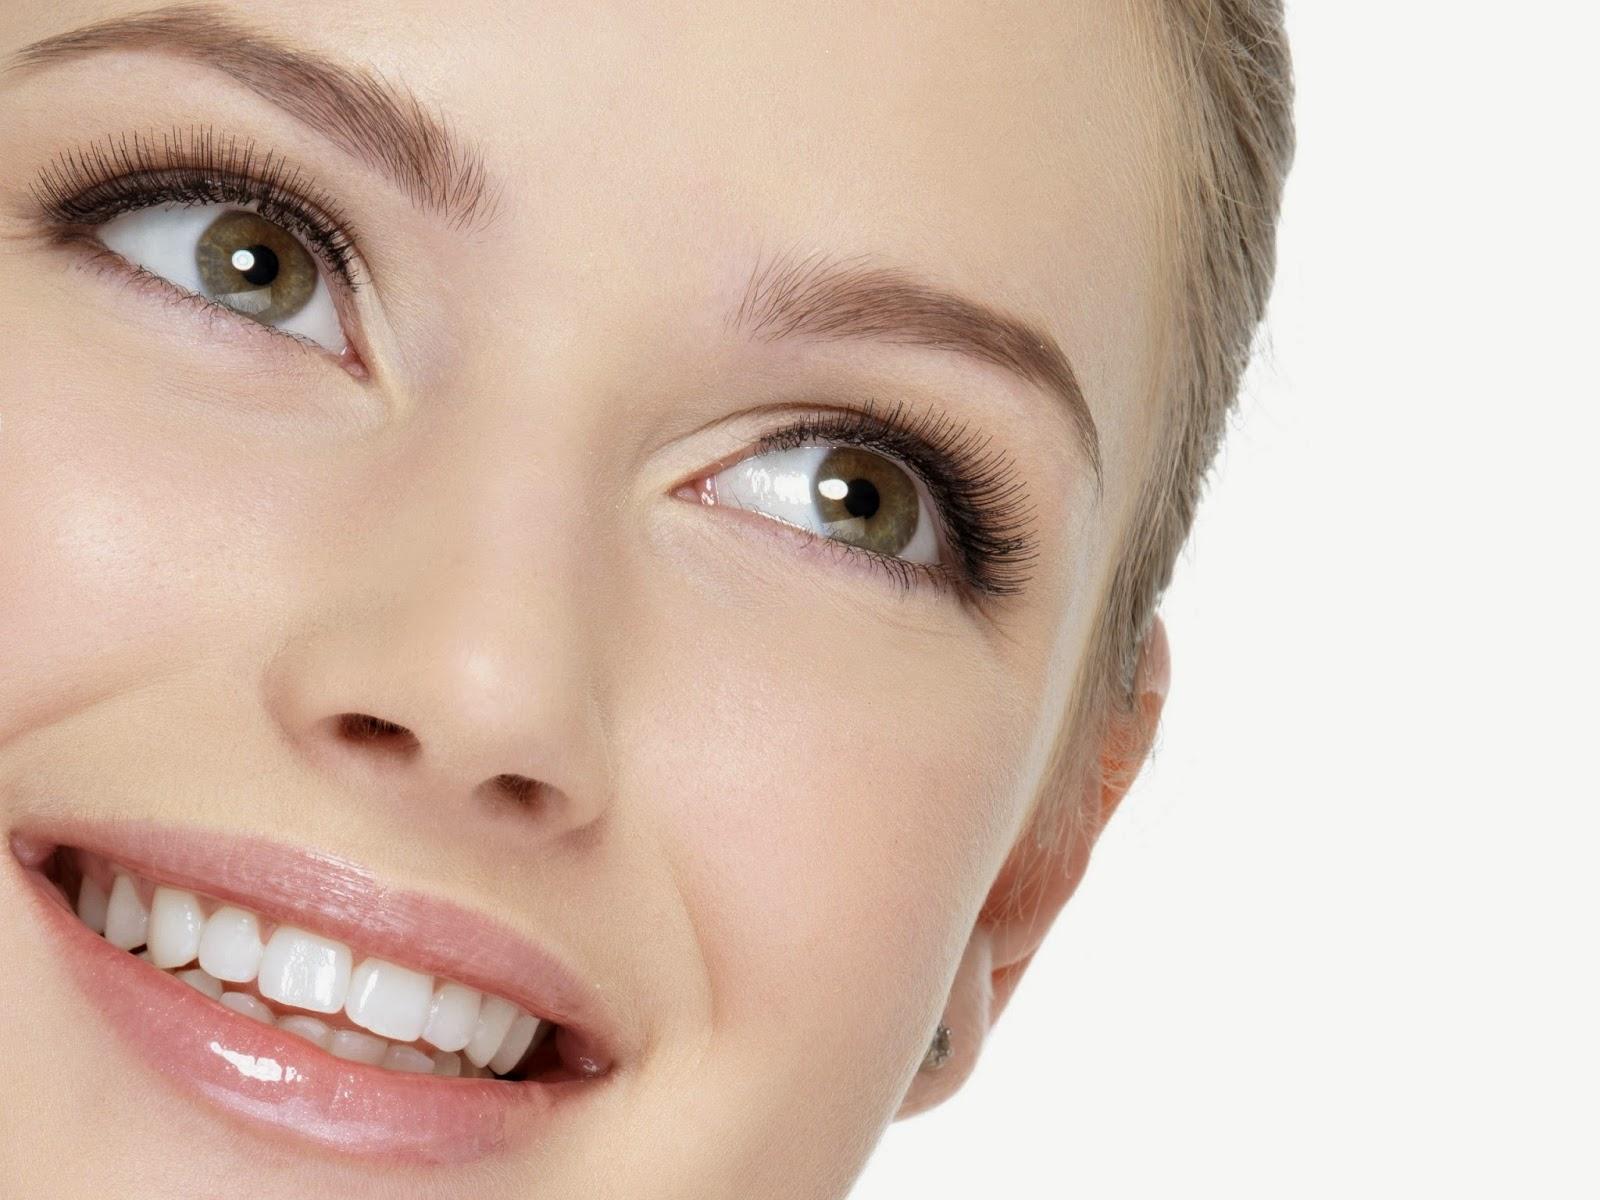 Viên uống bổ mắt của canada lutein 40mg, hộp 60 viên: bảo vệ chống oxy hóa cho mắt